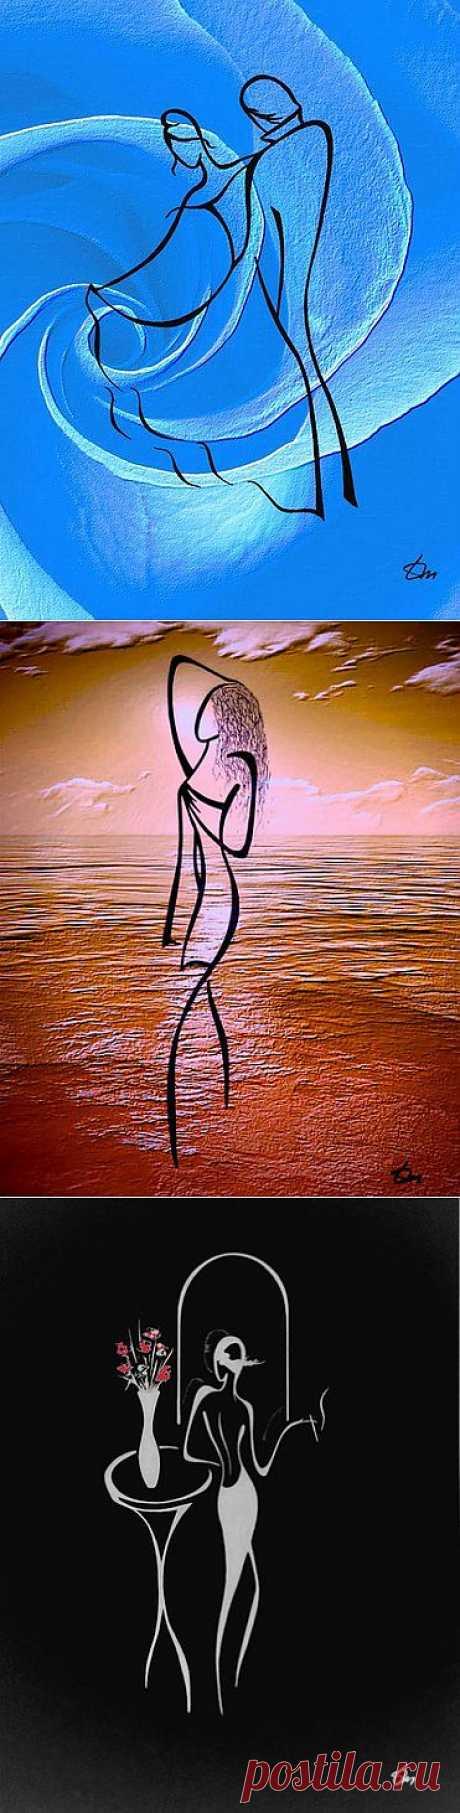 (+1) тема - Предельная выразительность нескольких линий. Художник Татьяна Марковцева. | Искусство